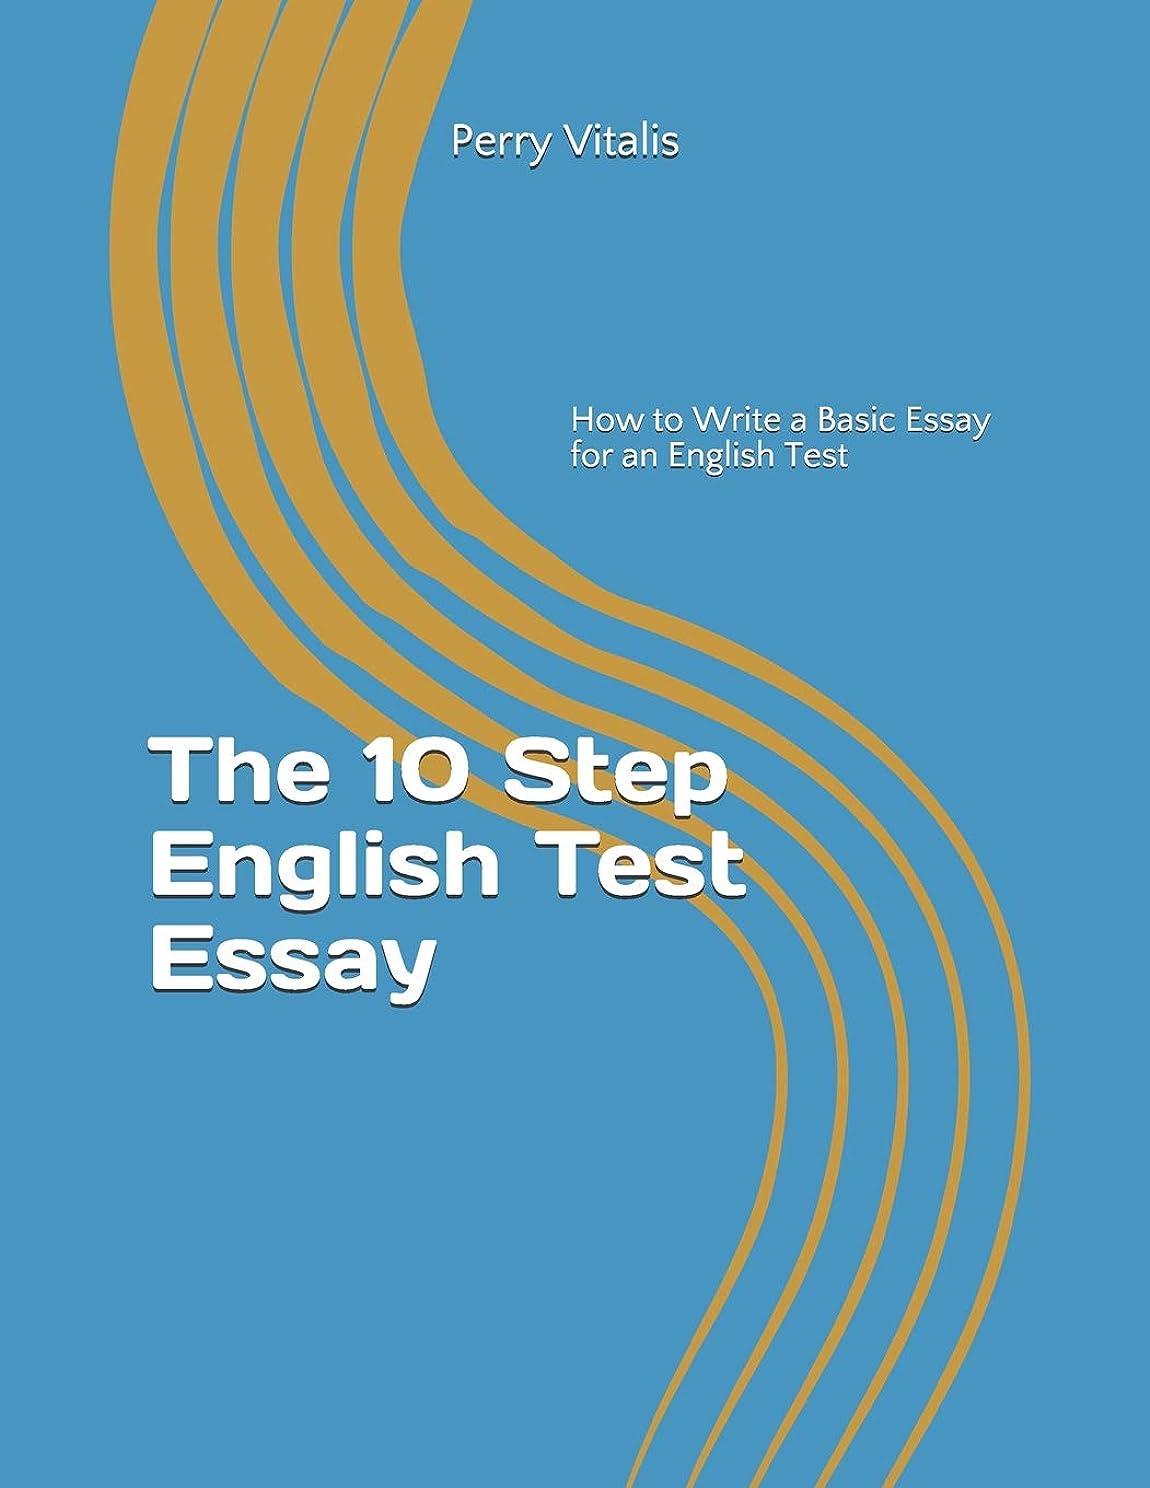 外部ミシン明確にThe 10 Step English Test Essay: How to Write a Basic Essay for an English Test